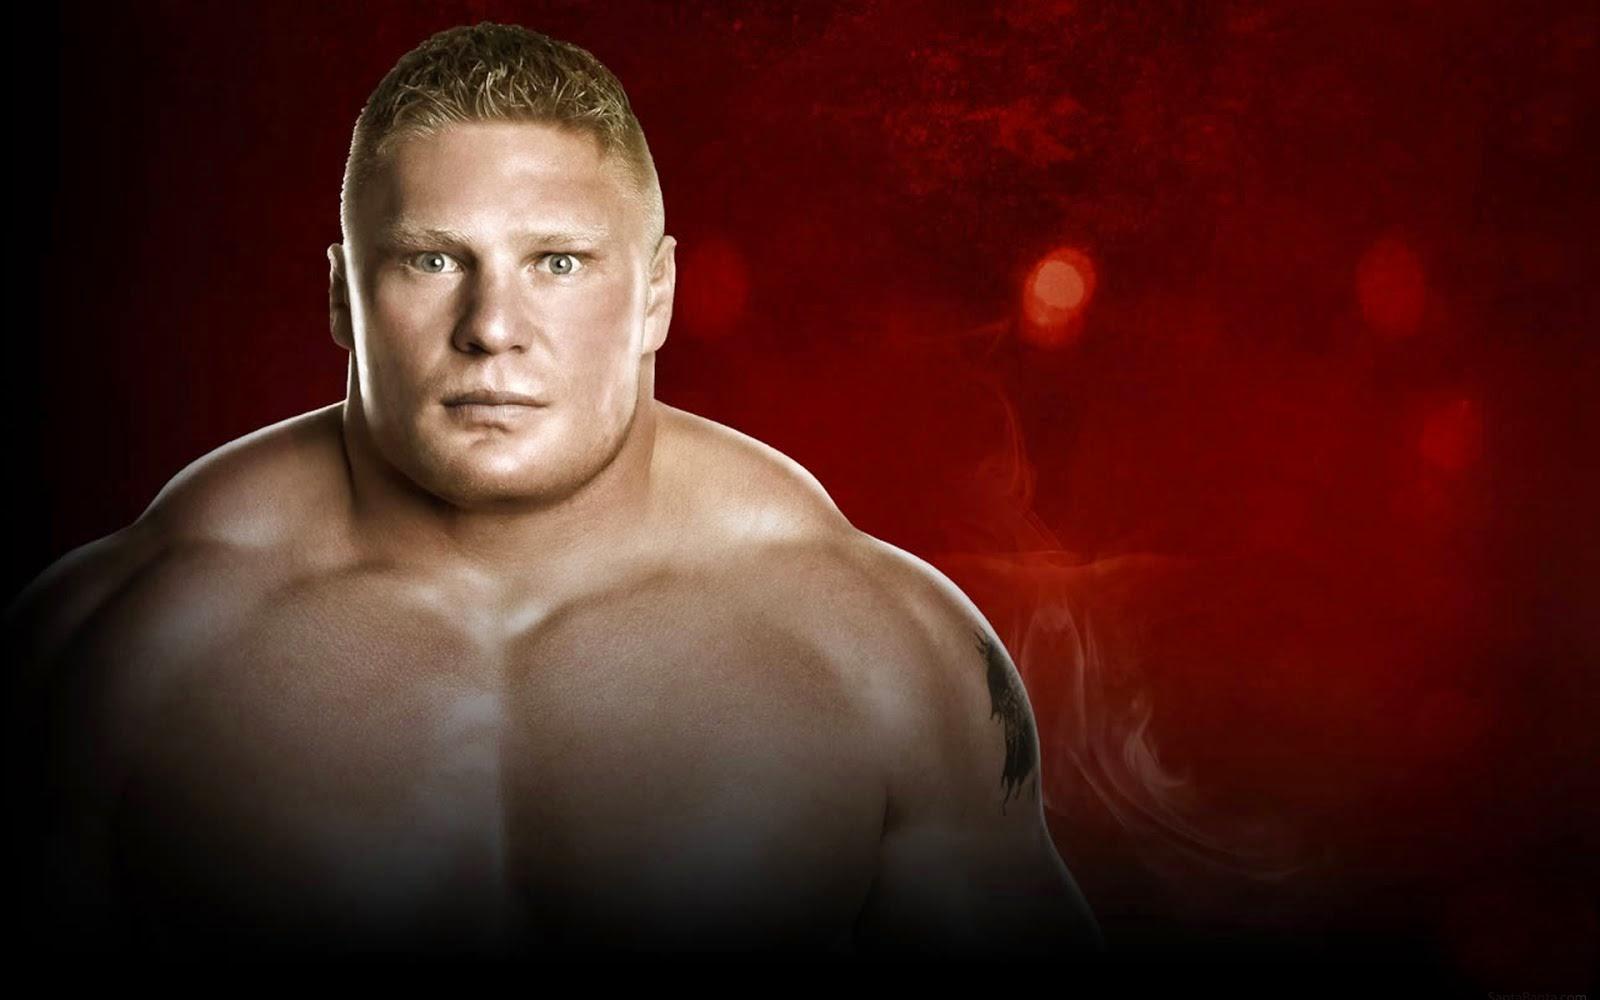 Brock Lesnar Hd Background